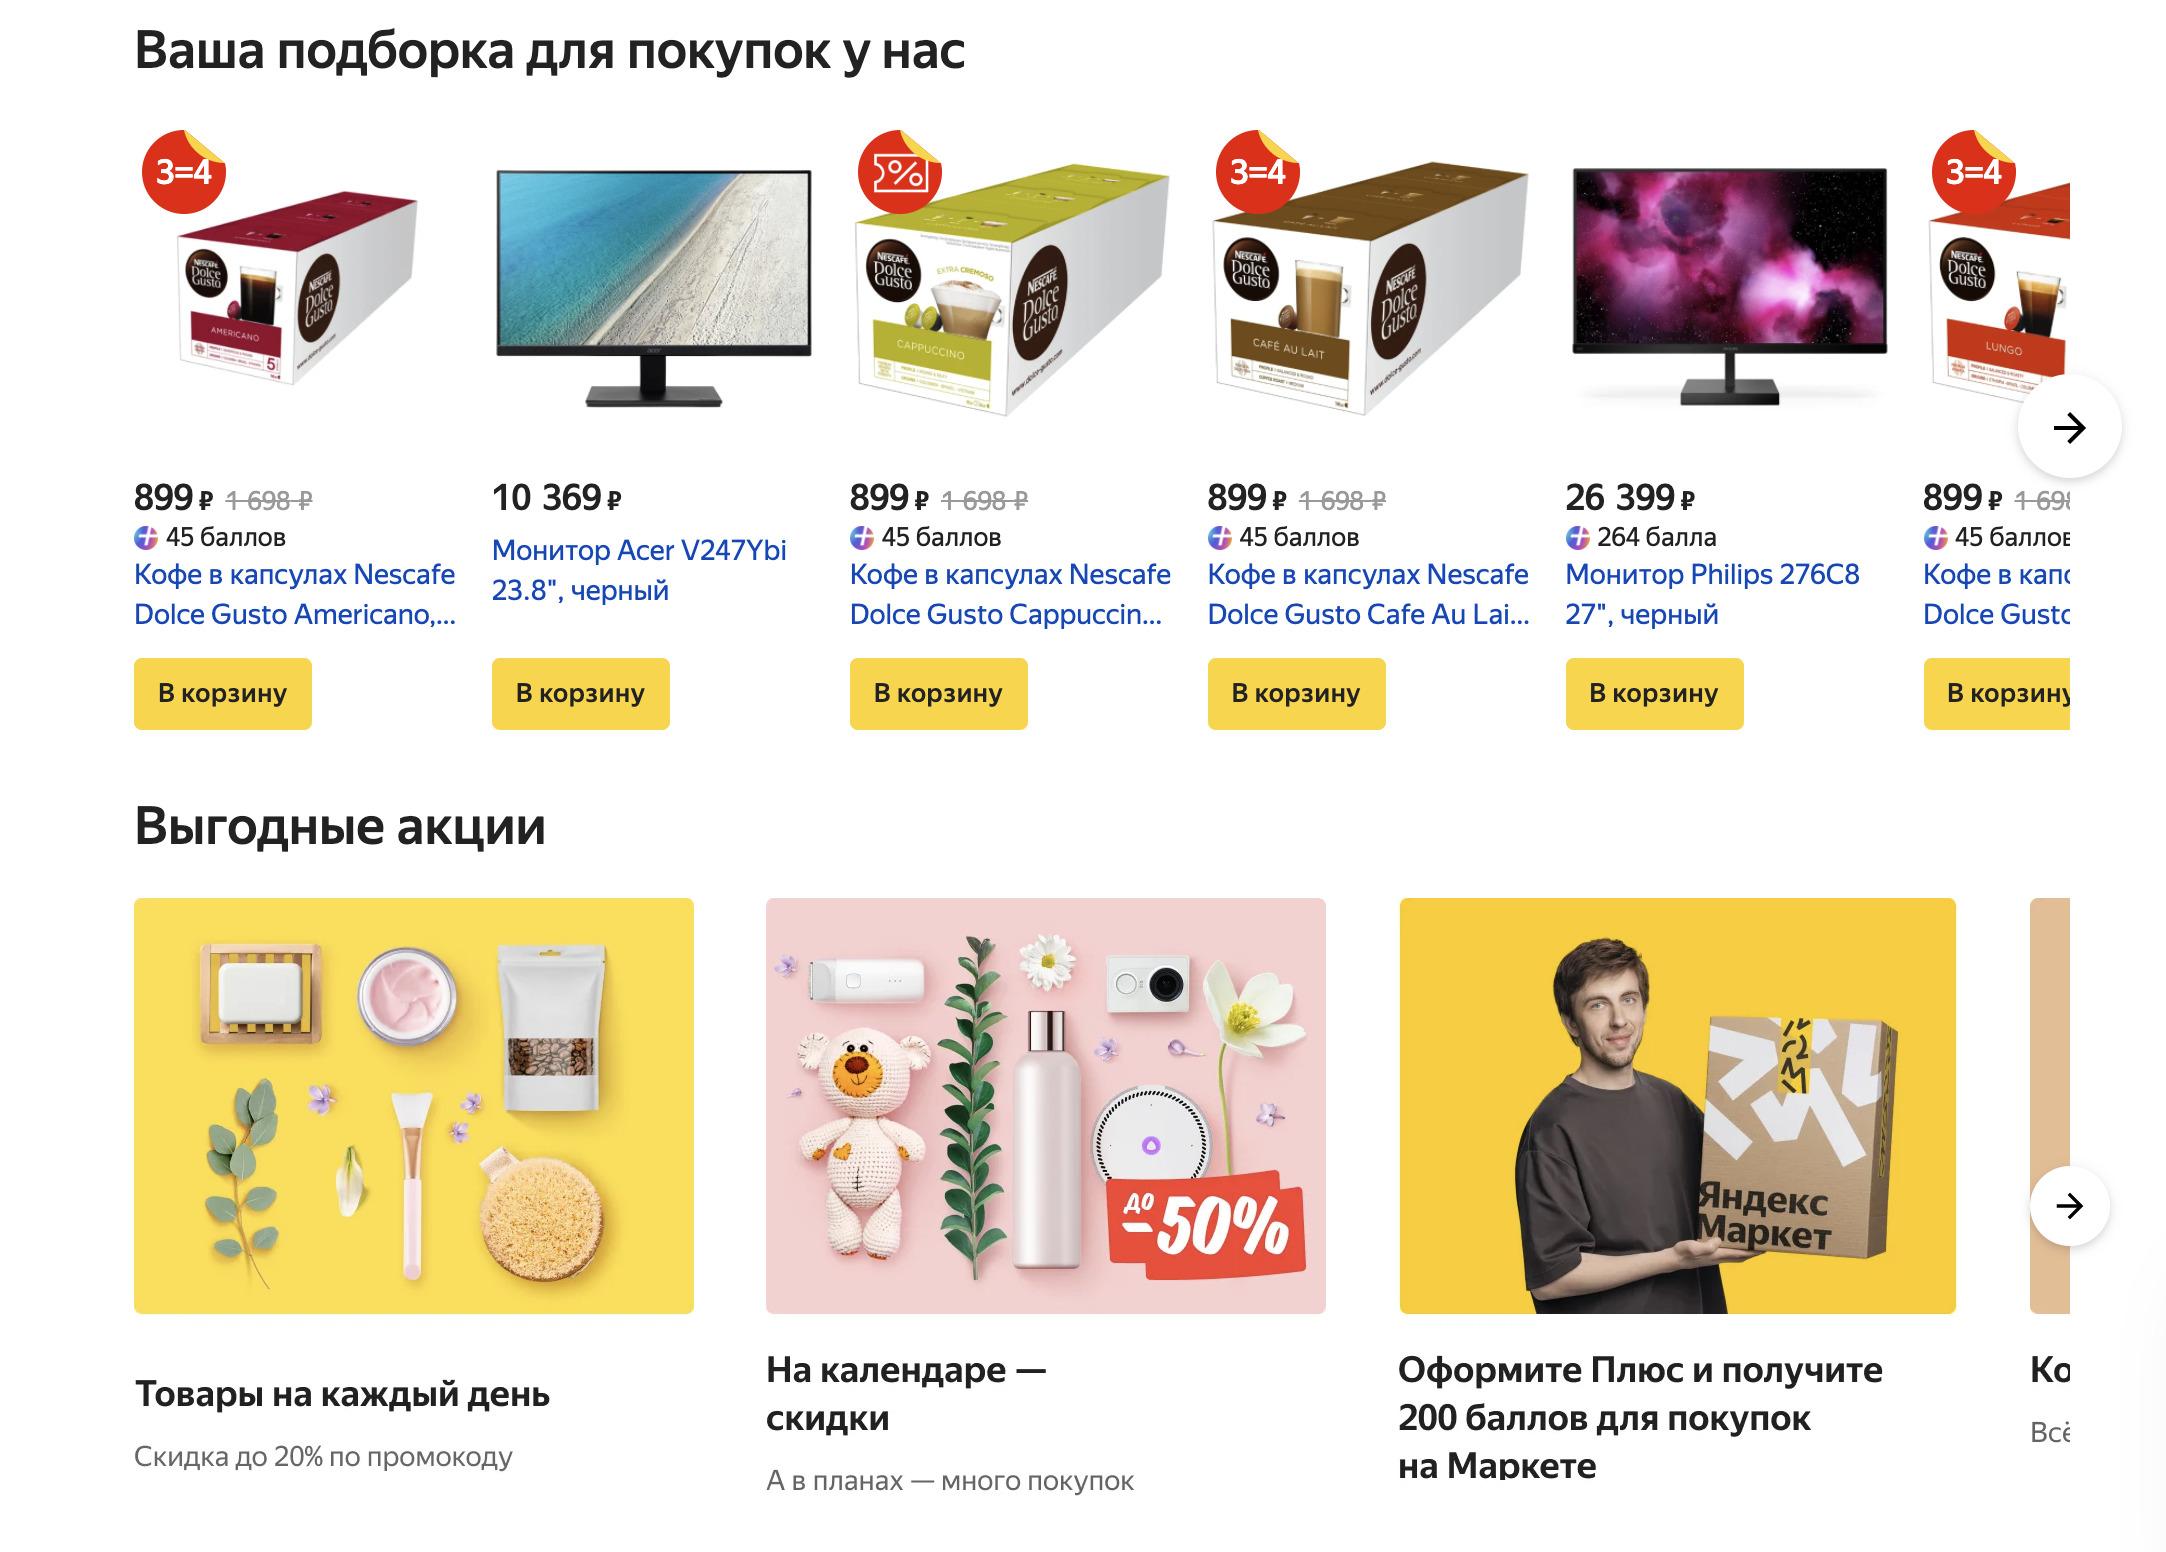 Доставка из Яндекс.Маркет в Камчатский край, сроки, пункты выдачи, каталог